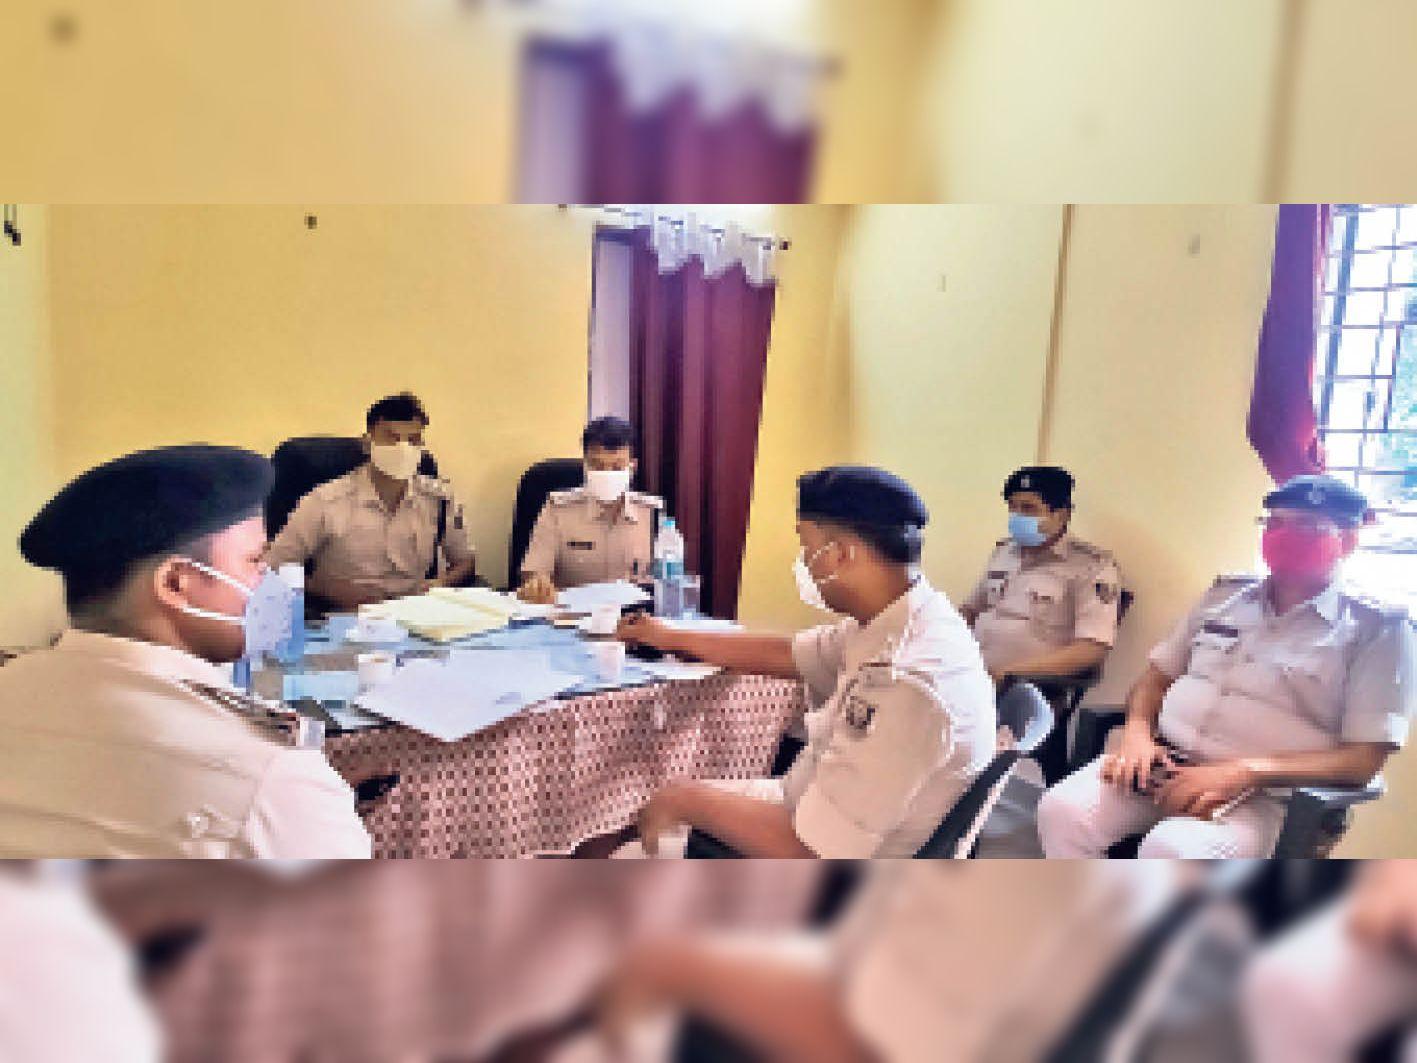 साहेबपुरकमाल में आगामी पंचायत चुनाव को लेकर बैठक करते खगड़िया सदर व बलिया अनुमंडल पुलिस। - Dainik Bhaskar